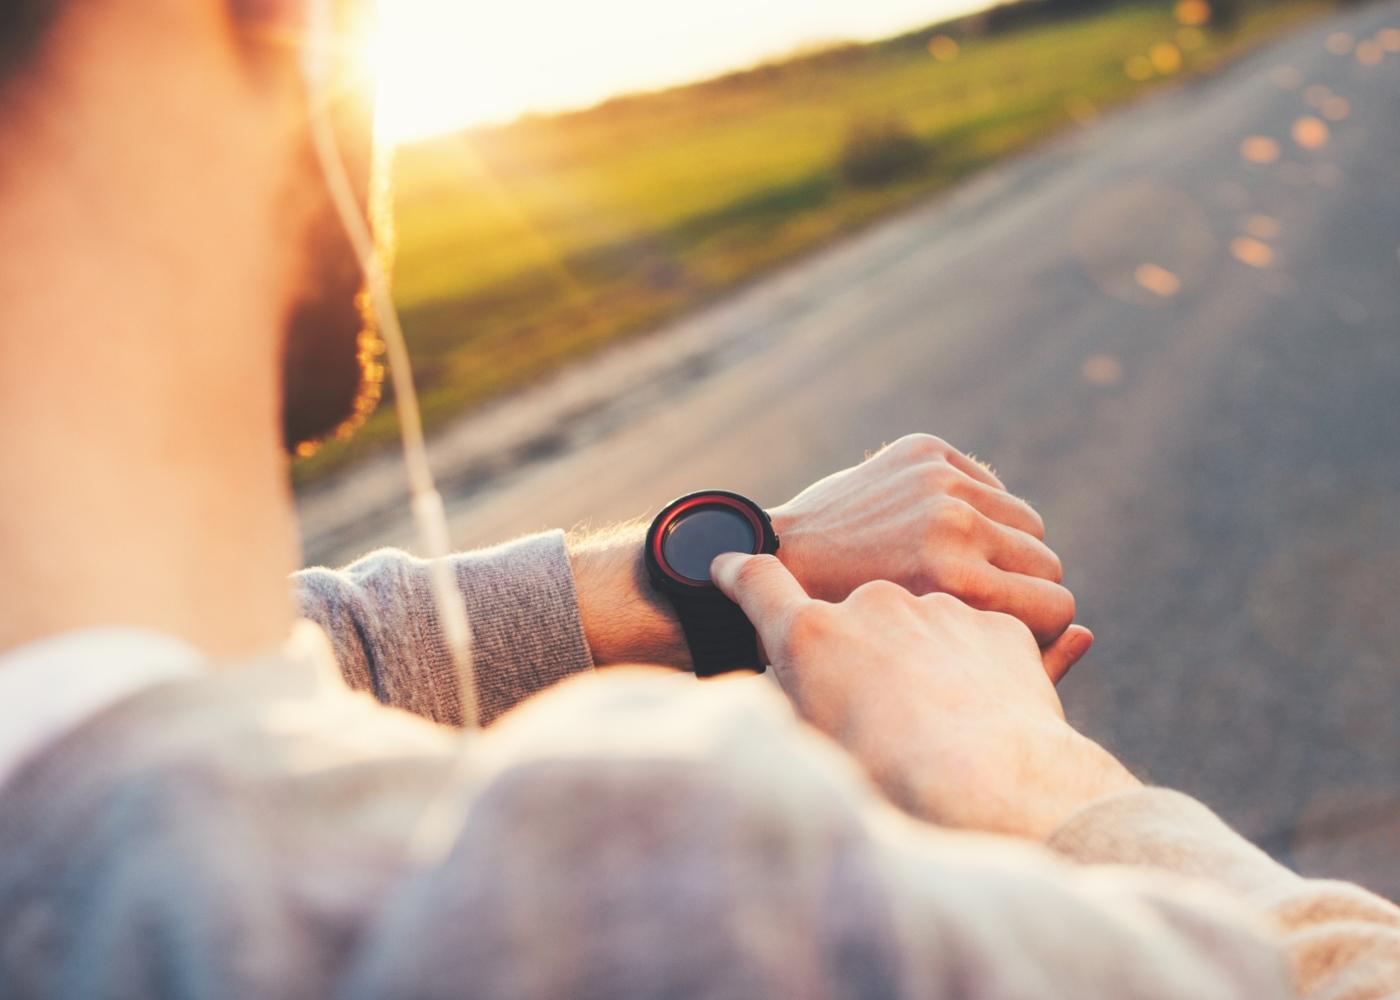 Homem a monitorizar treino através do smartwatch